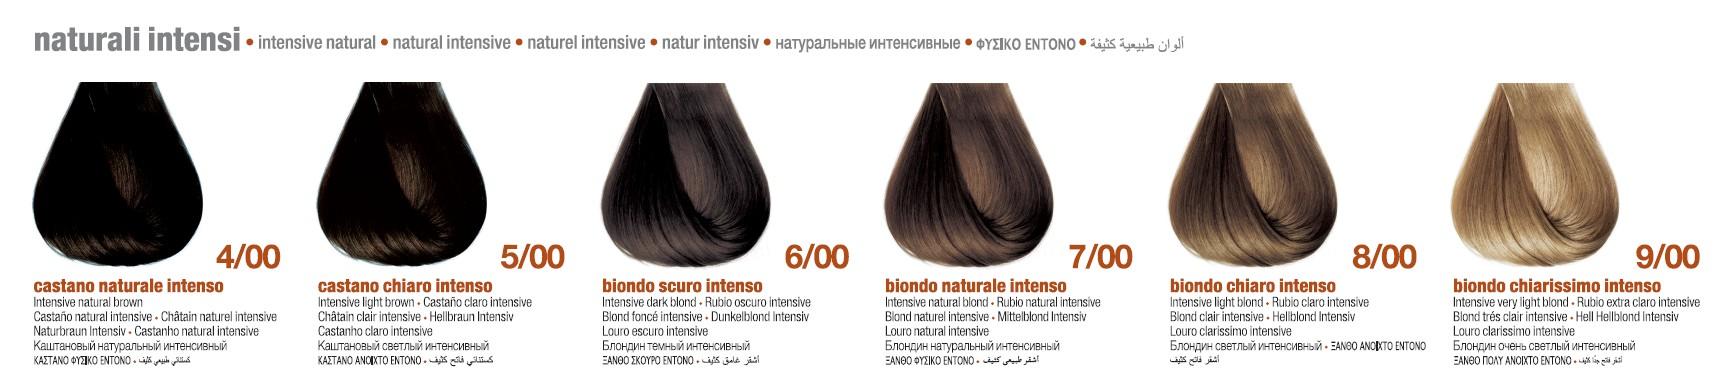 Натуральные интенсивные цвета BBCOS Innovation EVO Палитра